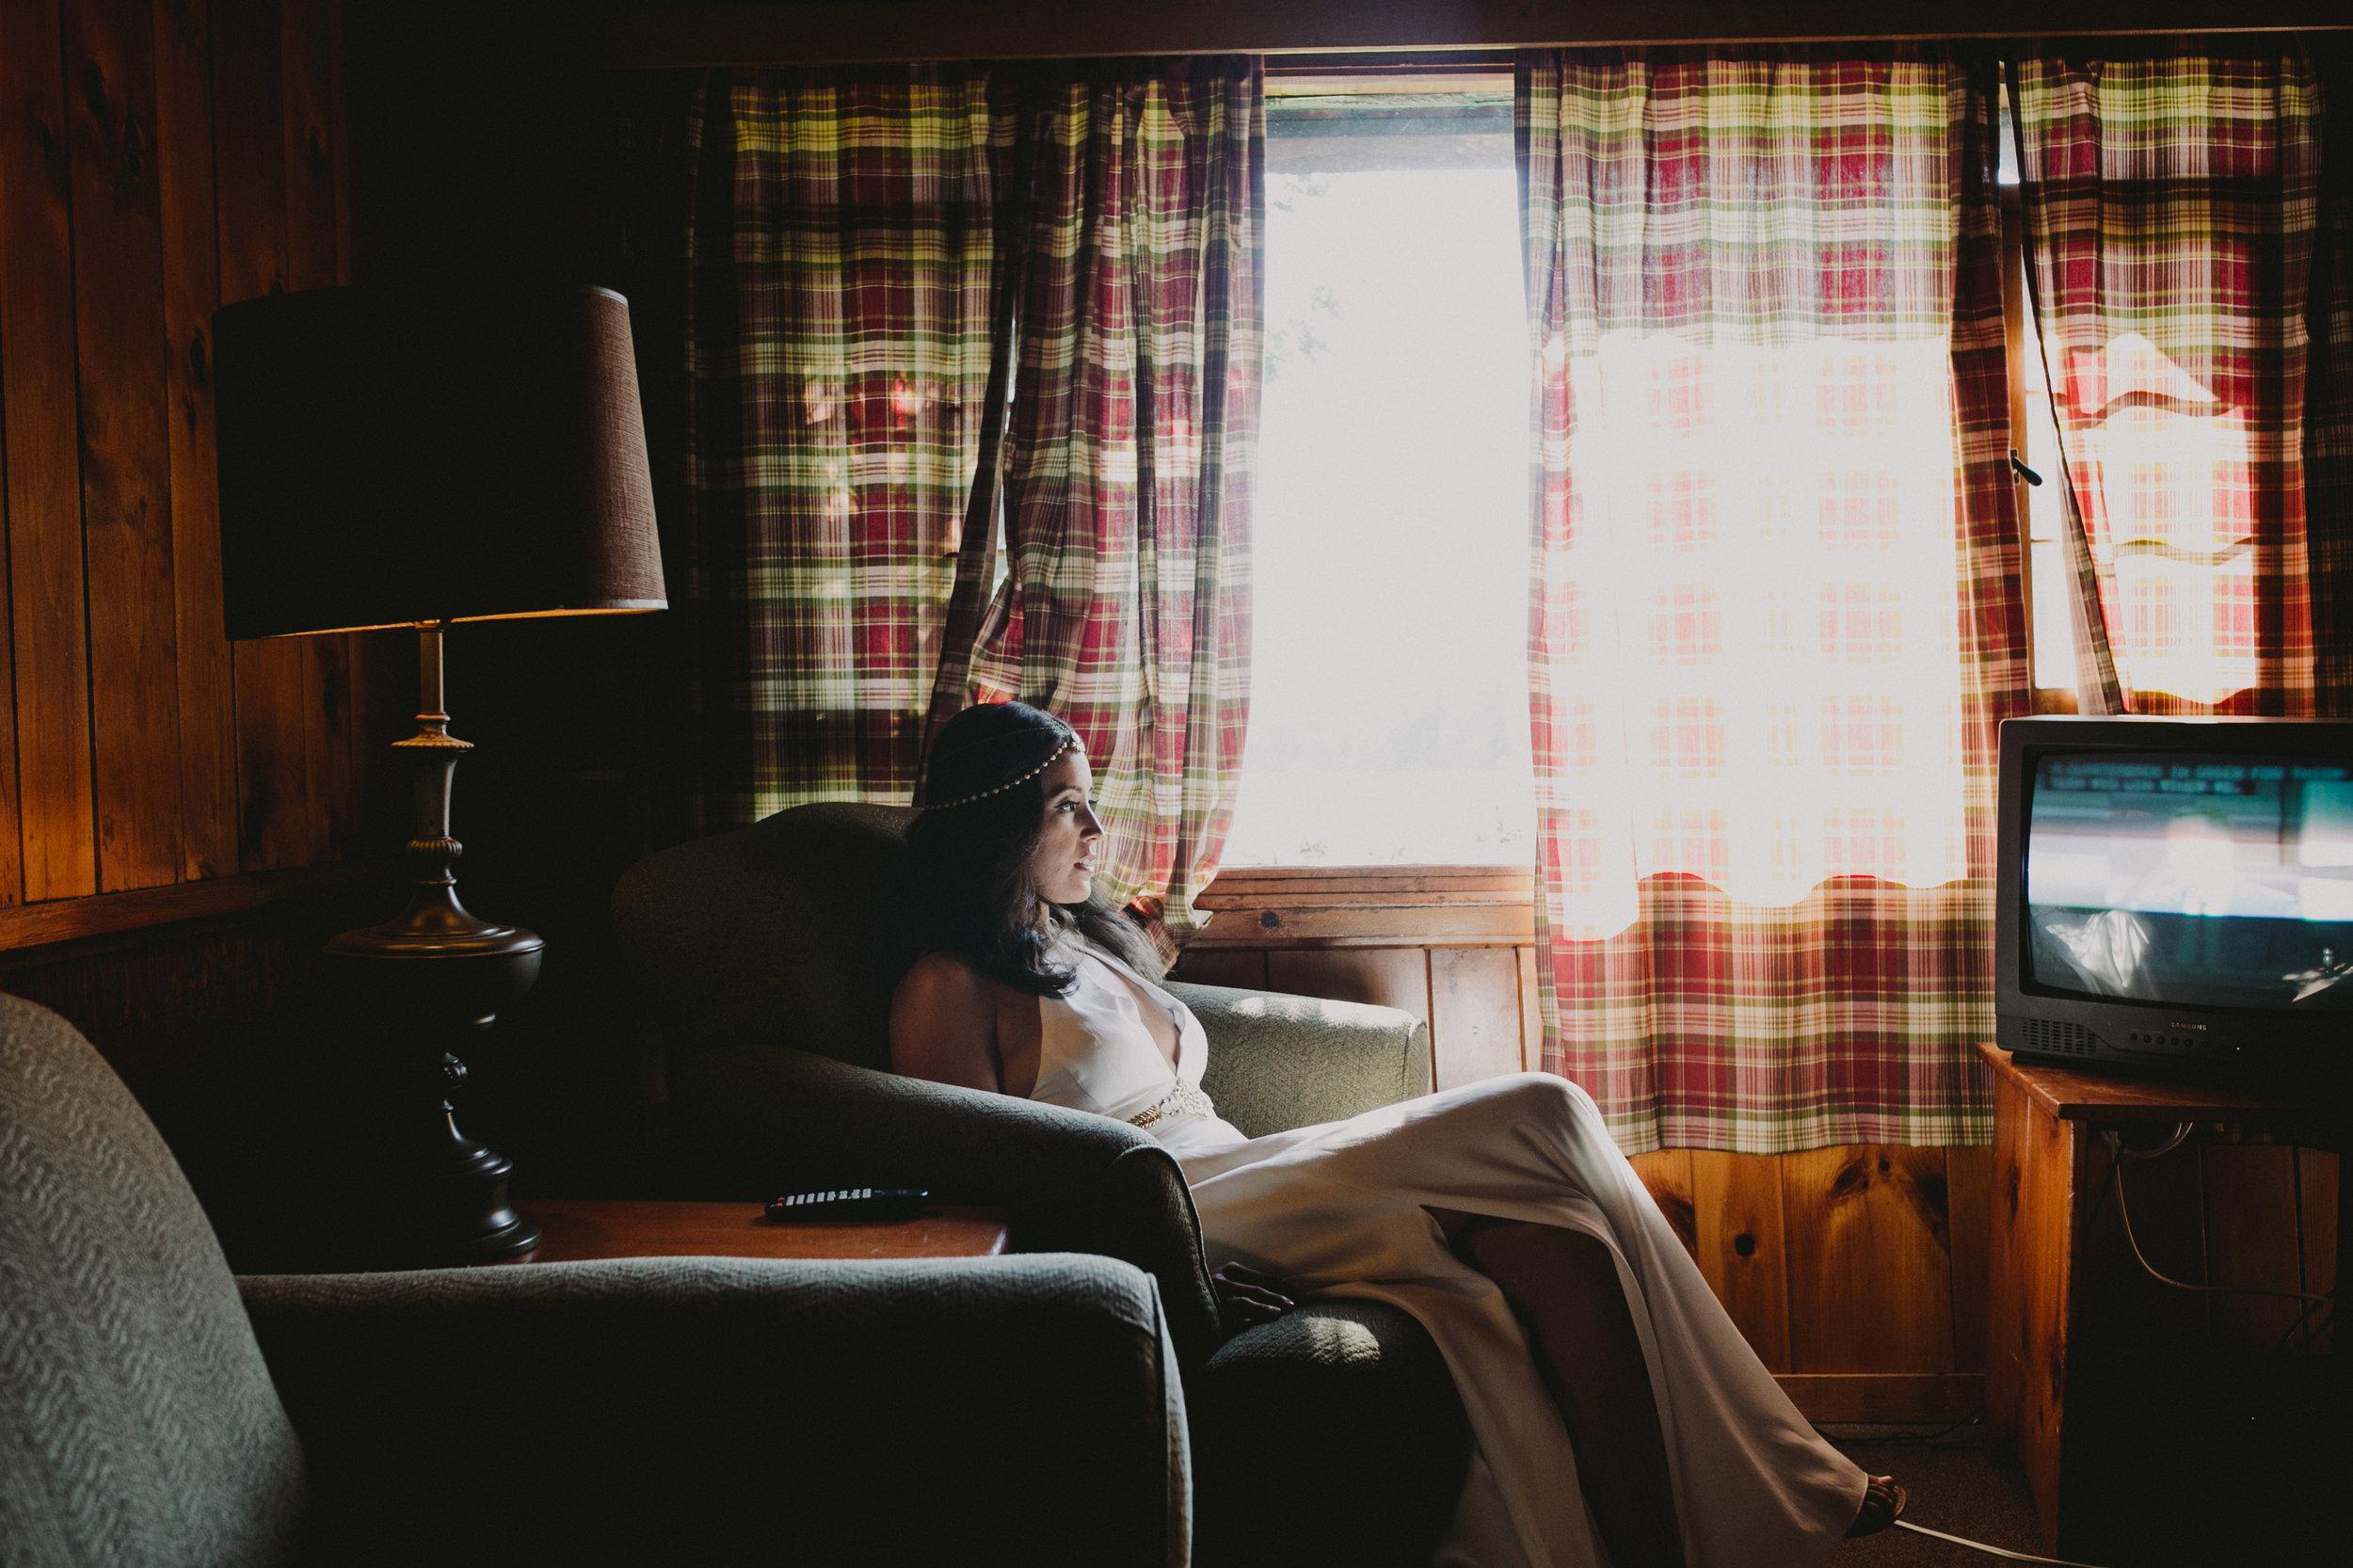 AmpersandBayResortWeddingChellise_Michael_Photography_Chellise_Michael-161.jpg